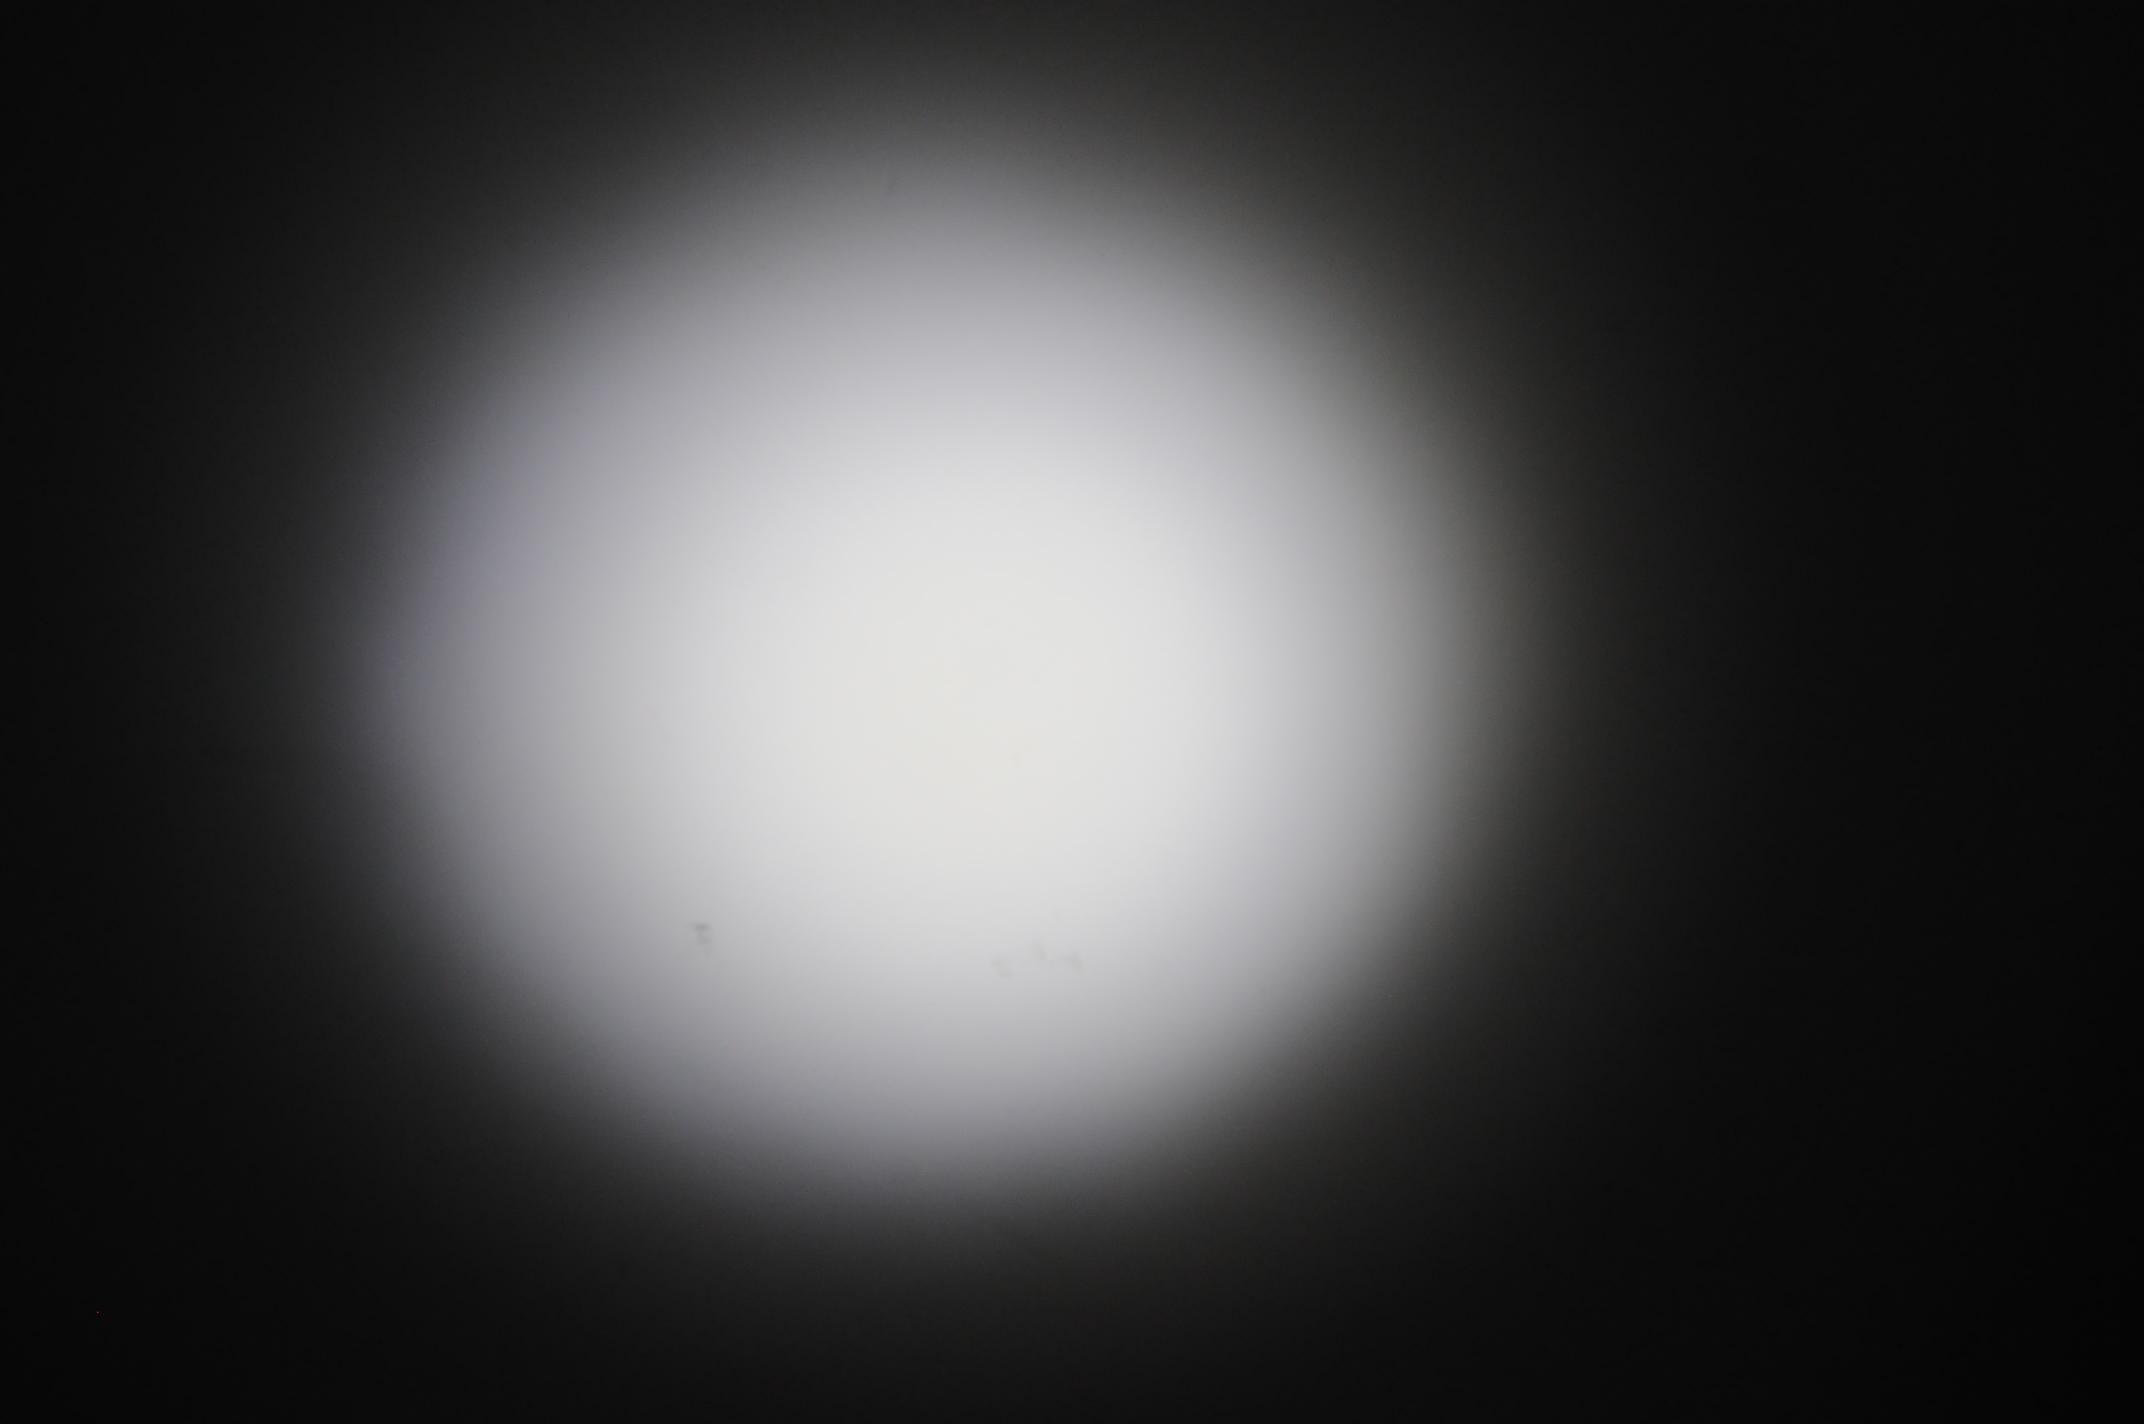 image-1069